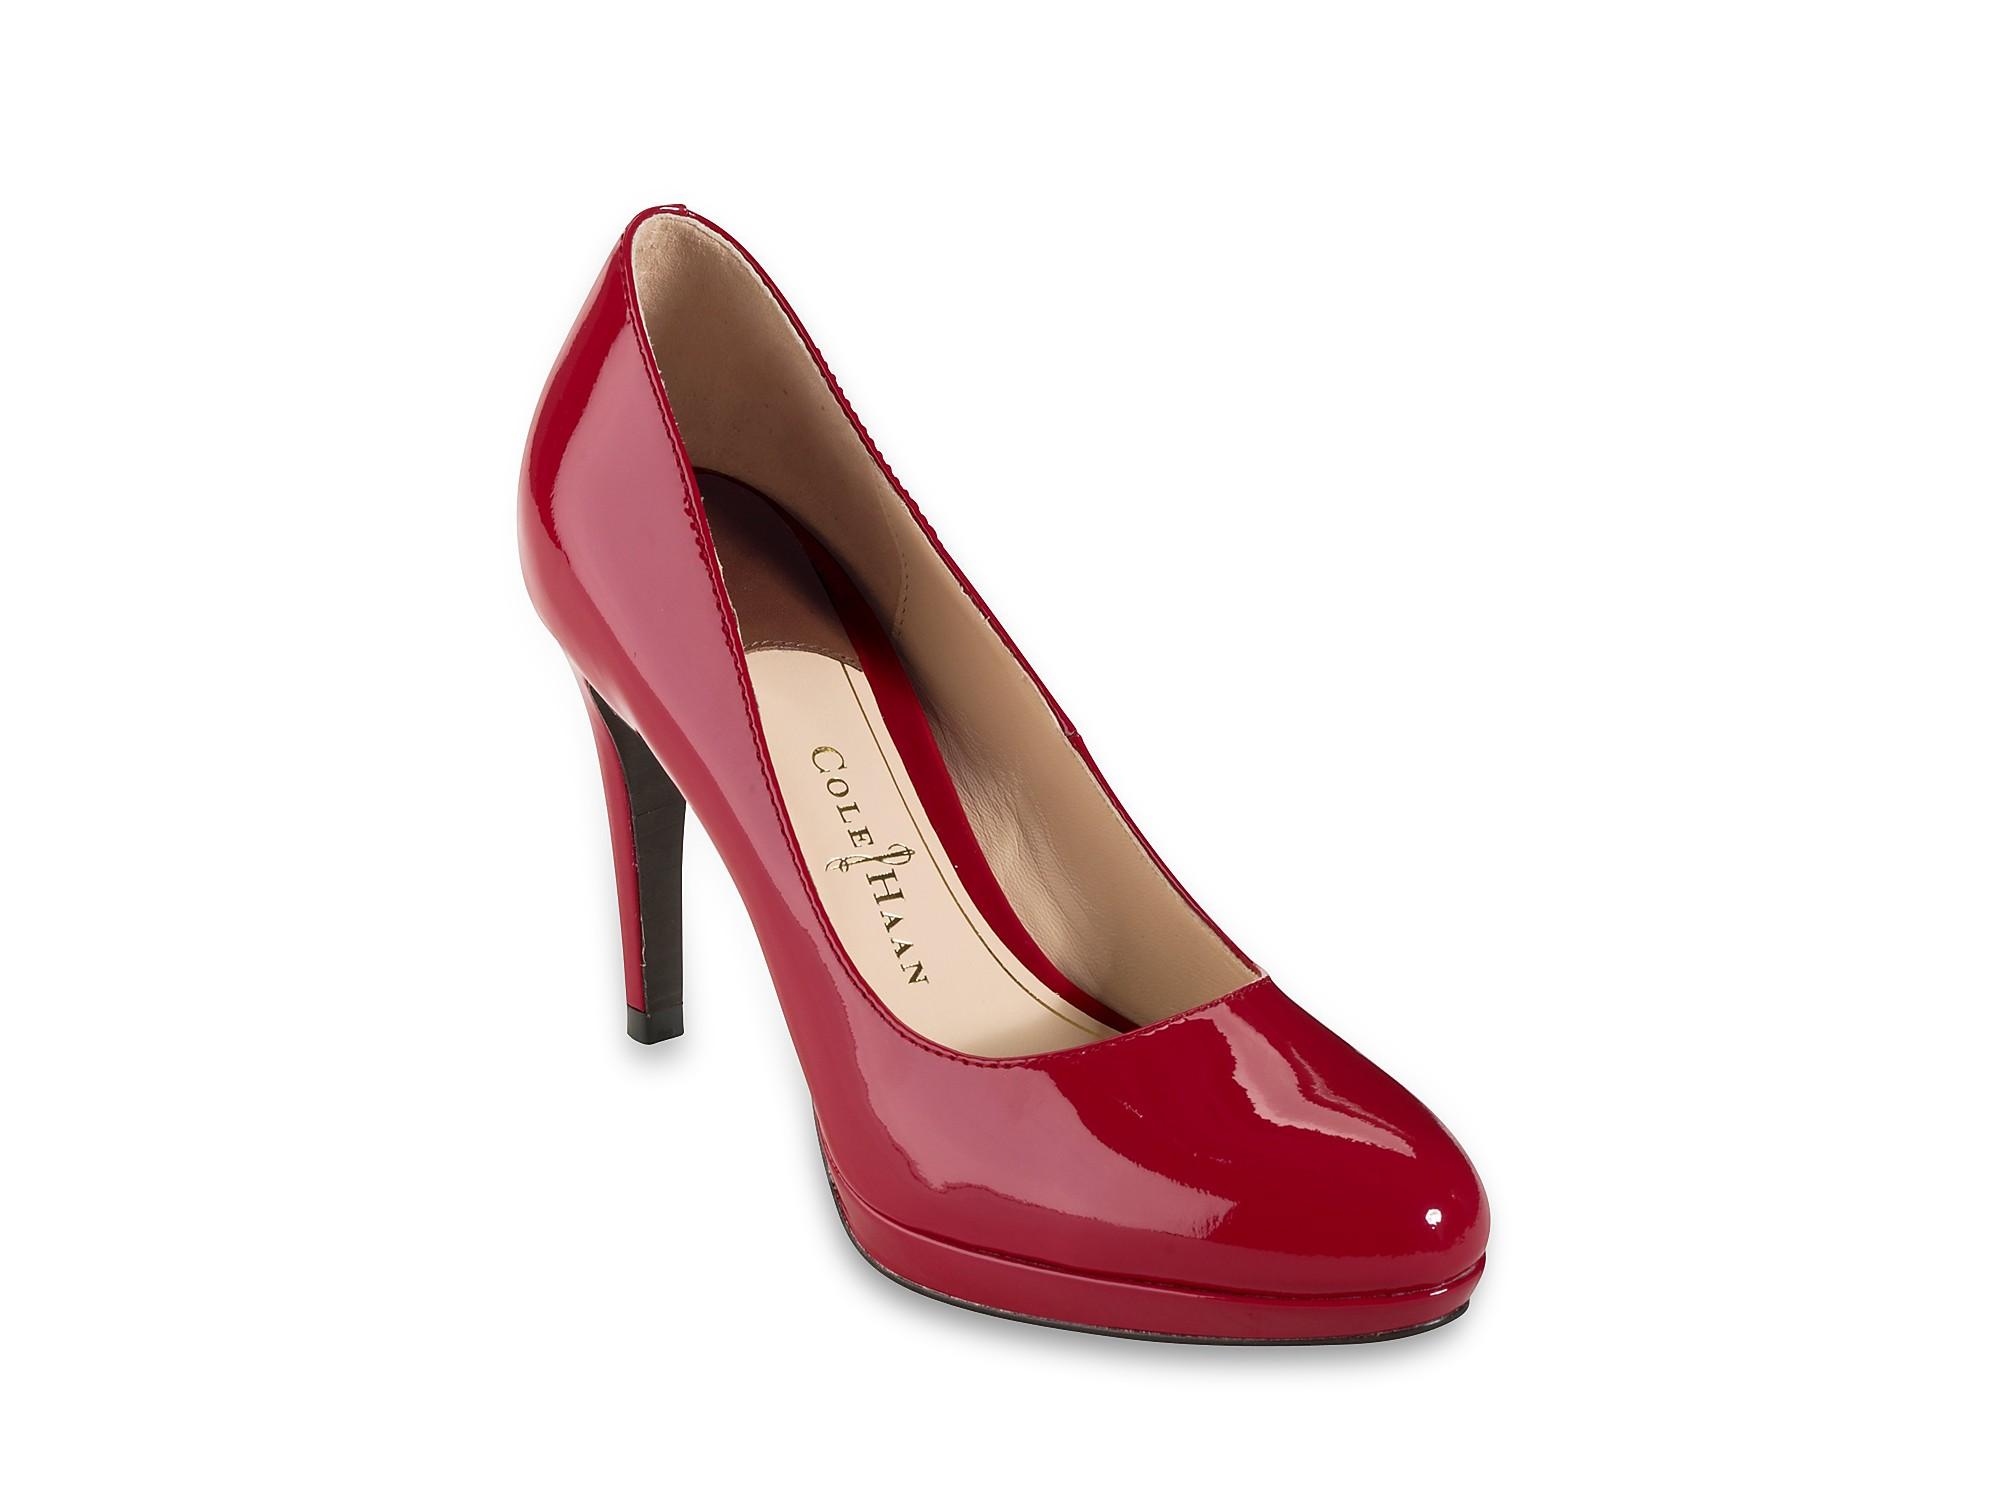 119f75ba1cf Lyst - Cole Haan Platform Pumps Chelsea High Heel in Red